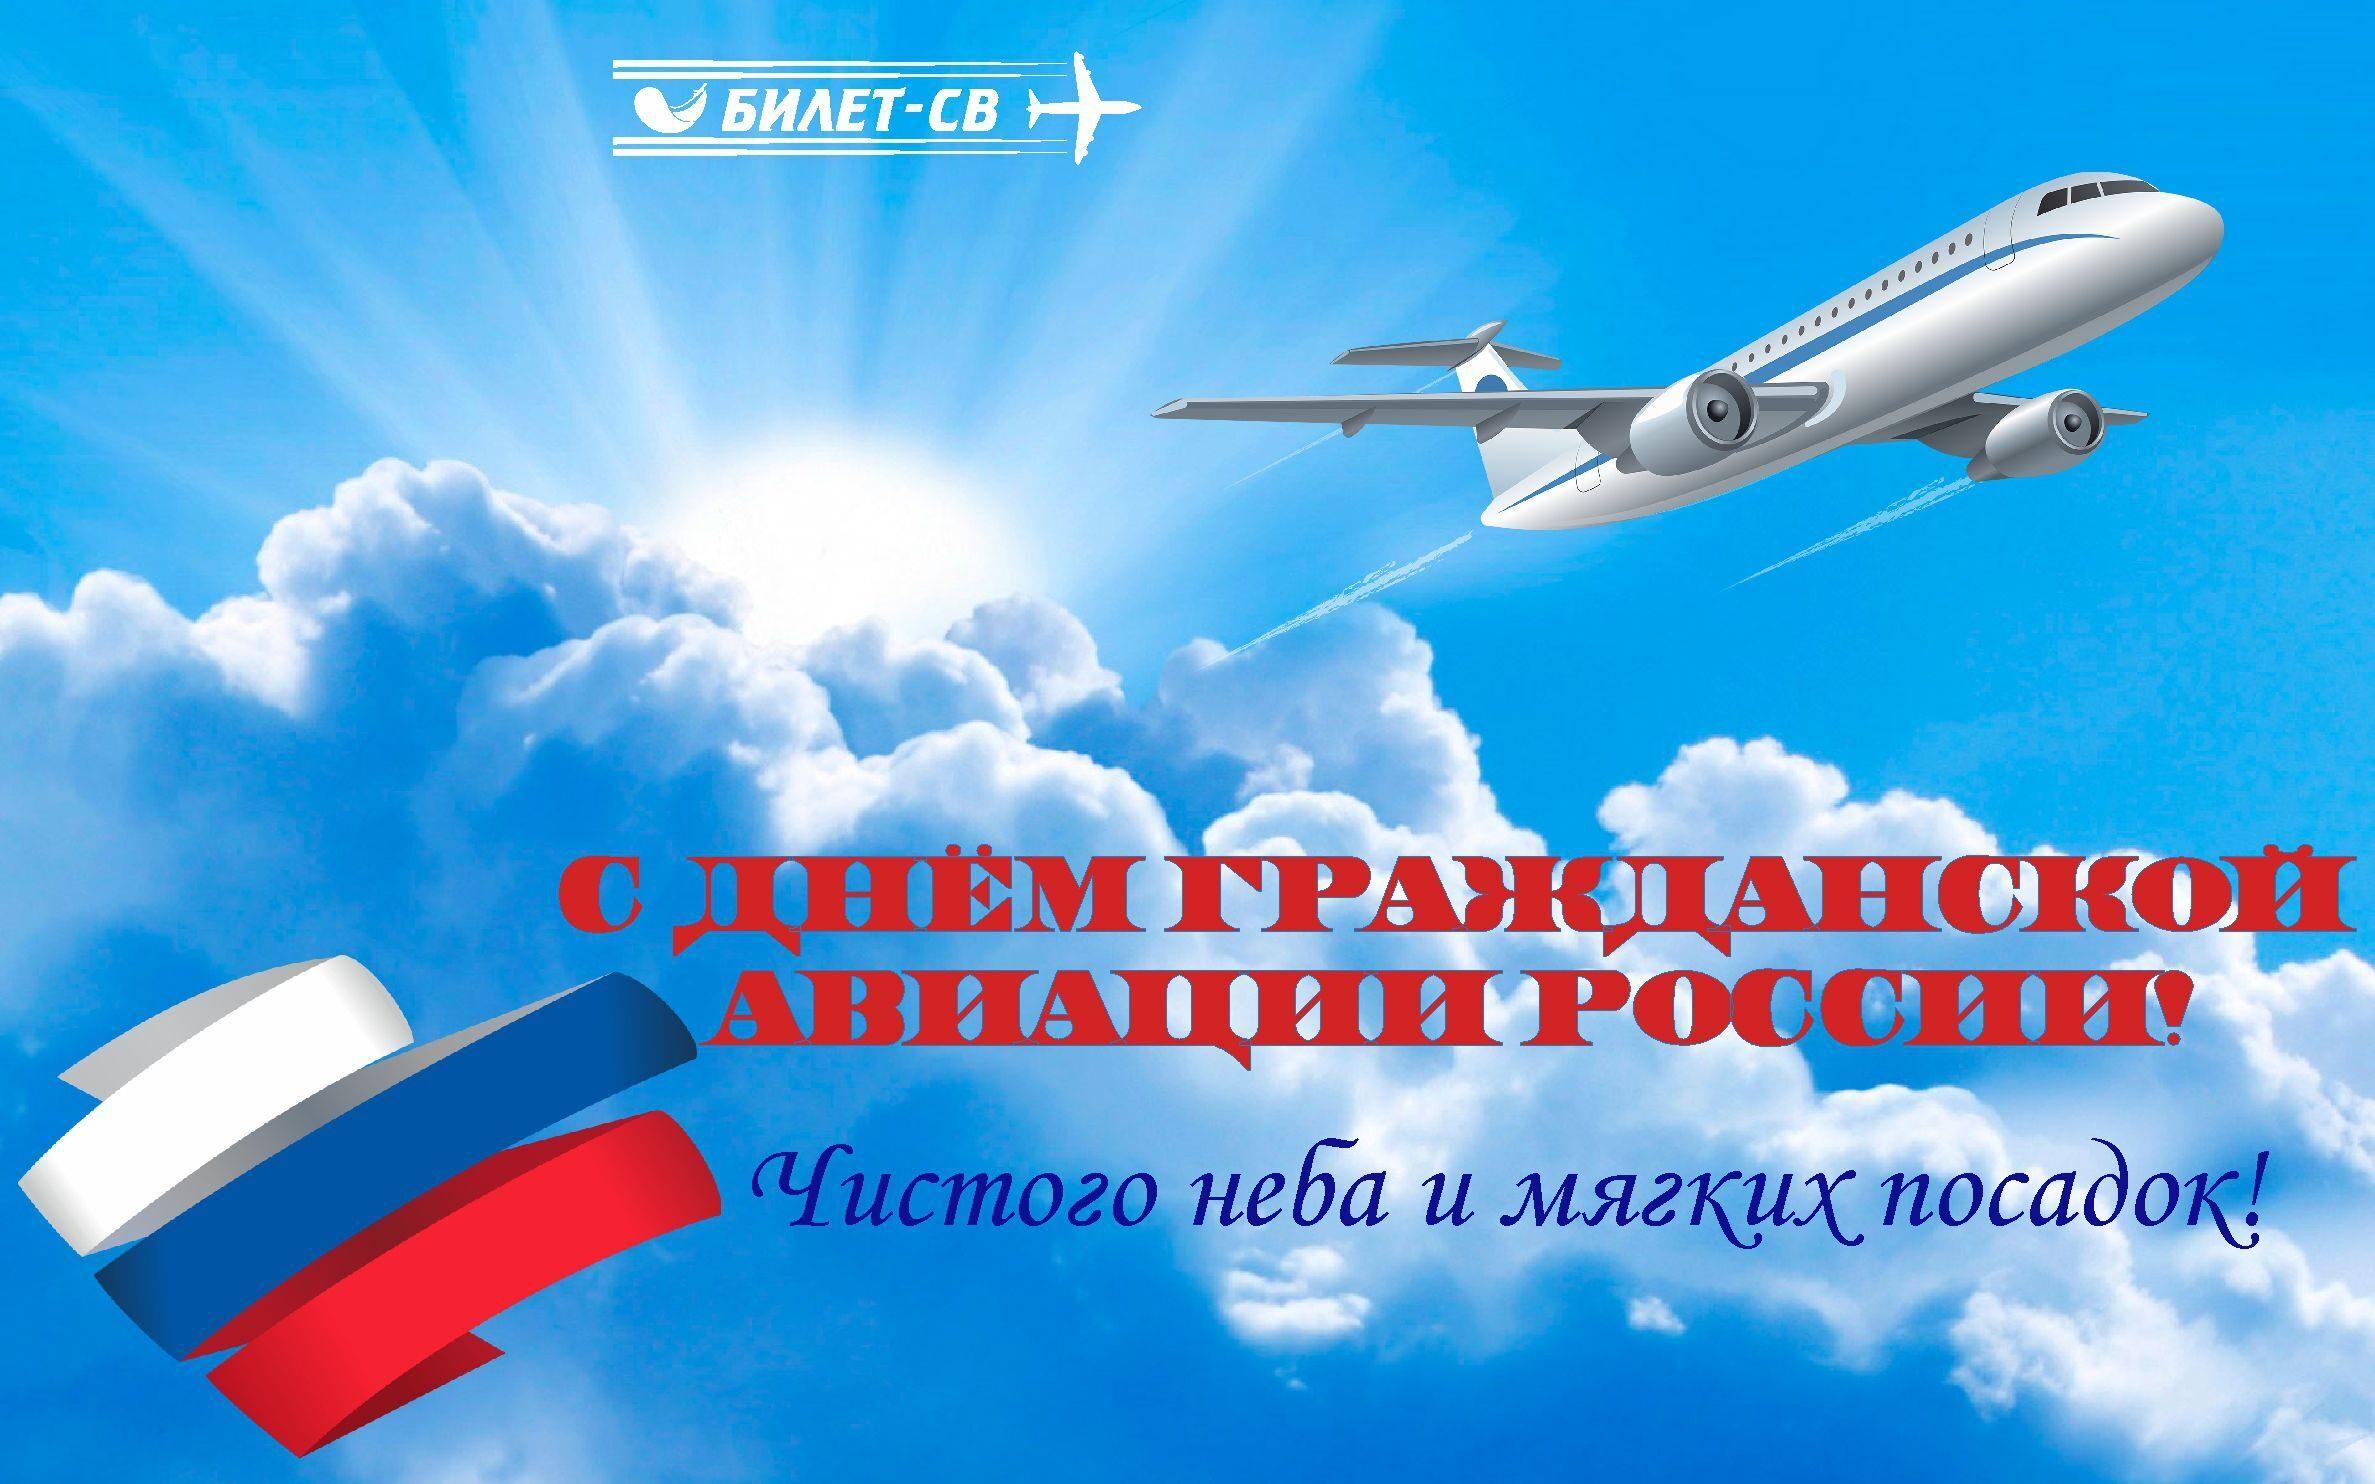 Гражданская авиация. - ОТКРЫТКРАЗДНИКУ - Поздравления, картинки png 32